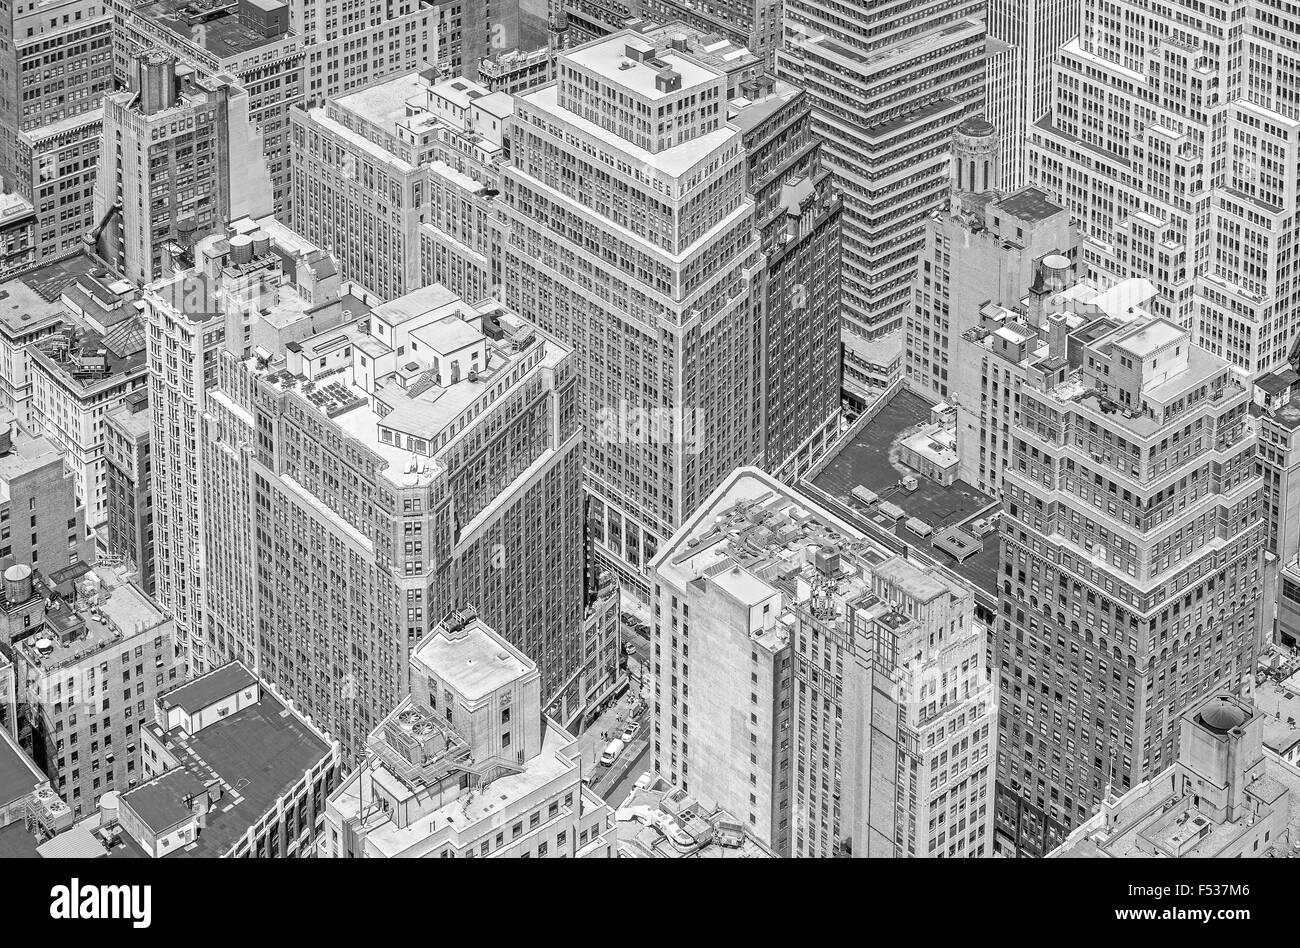 Fotografía en blanco y negro de gigantescos edificios de Manhattan en la Ciudad de Nueva York, EE.UU. Imagen De Stock